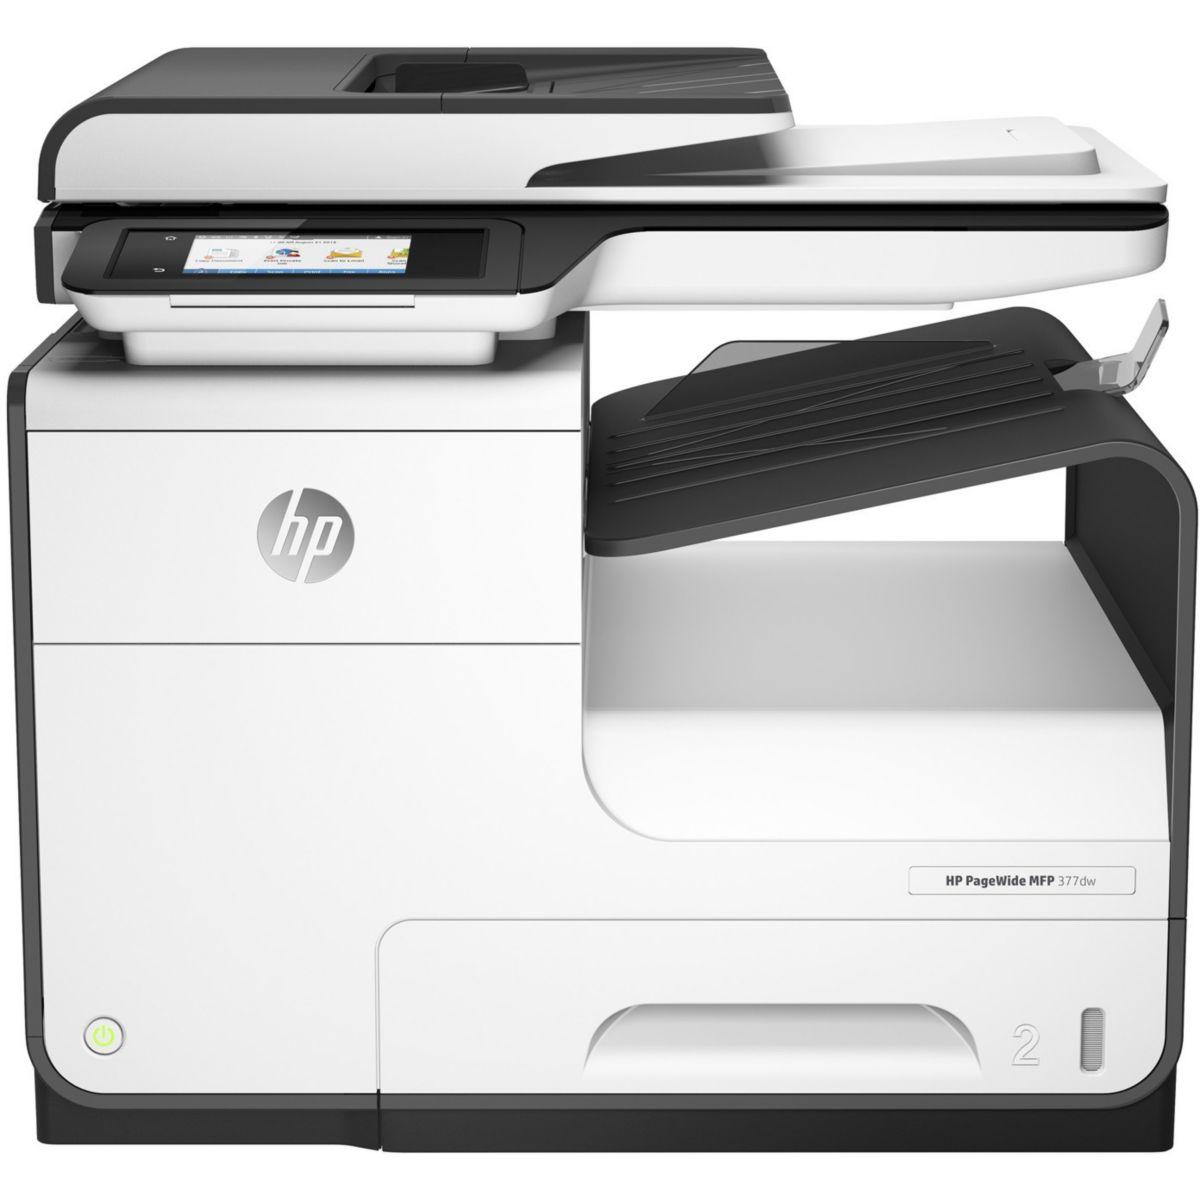 Imprimante multifonction jet d'encre HP PageWide 377DW (photo)